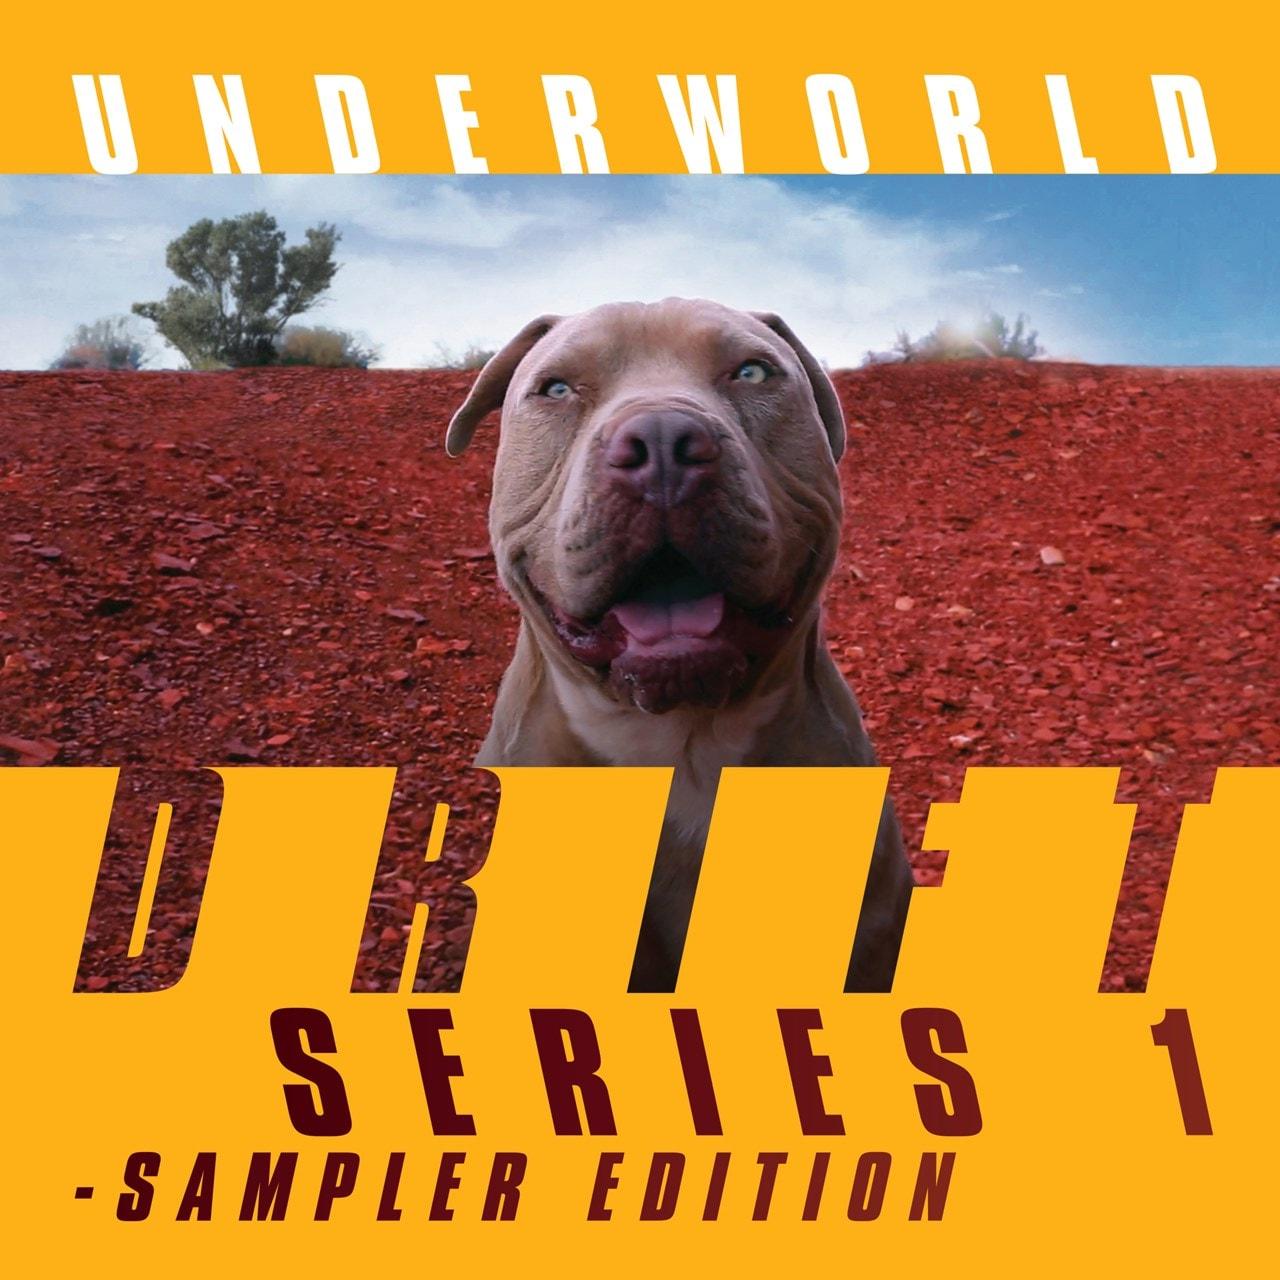 DRIFT Series 1 - Sampler Edition - 1